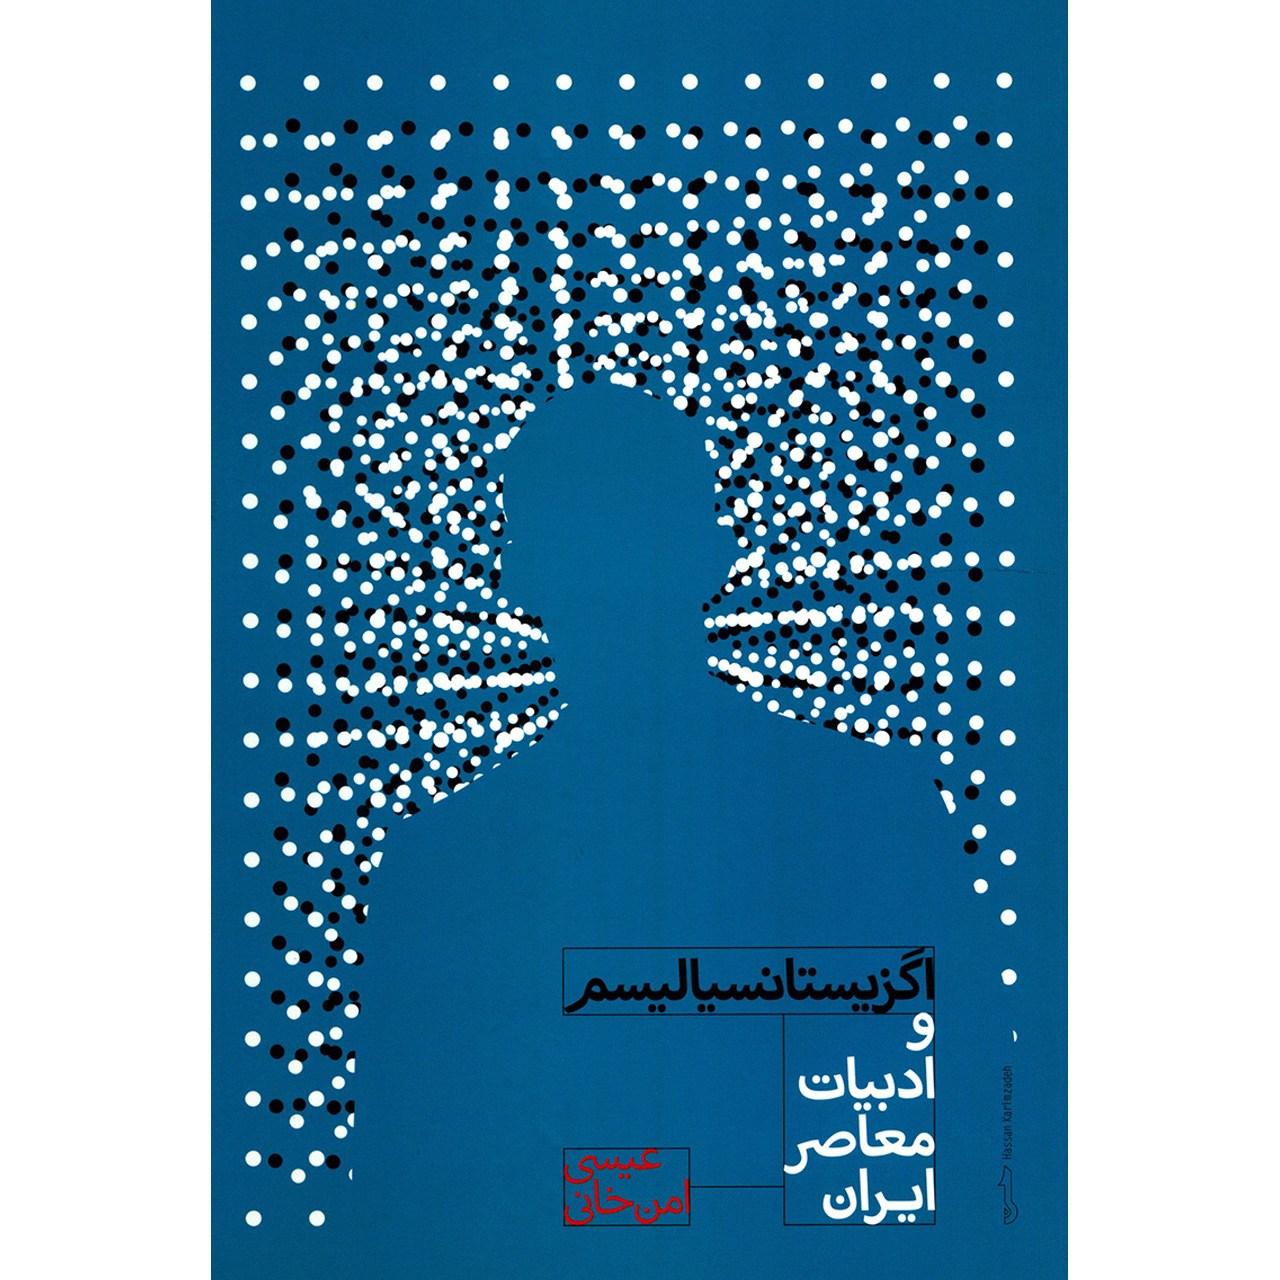 کتاب اگزیستانسیالیسم و ادبیات معاصر ایران اثر عیسی امن خانی